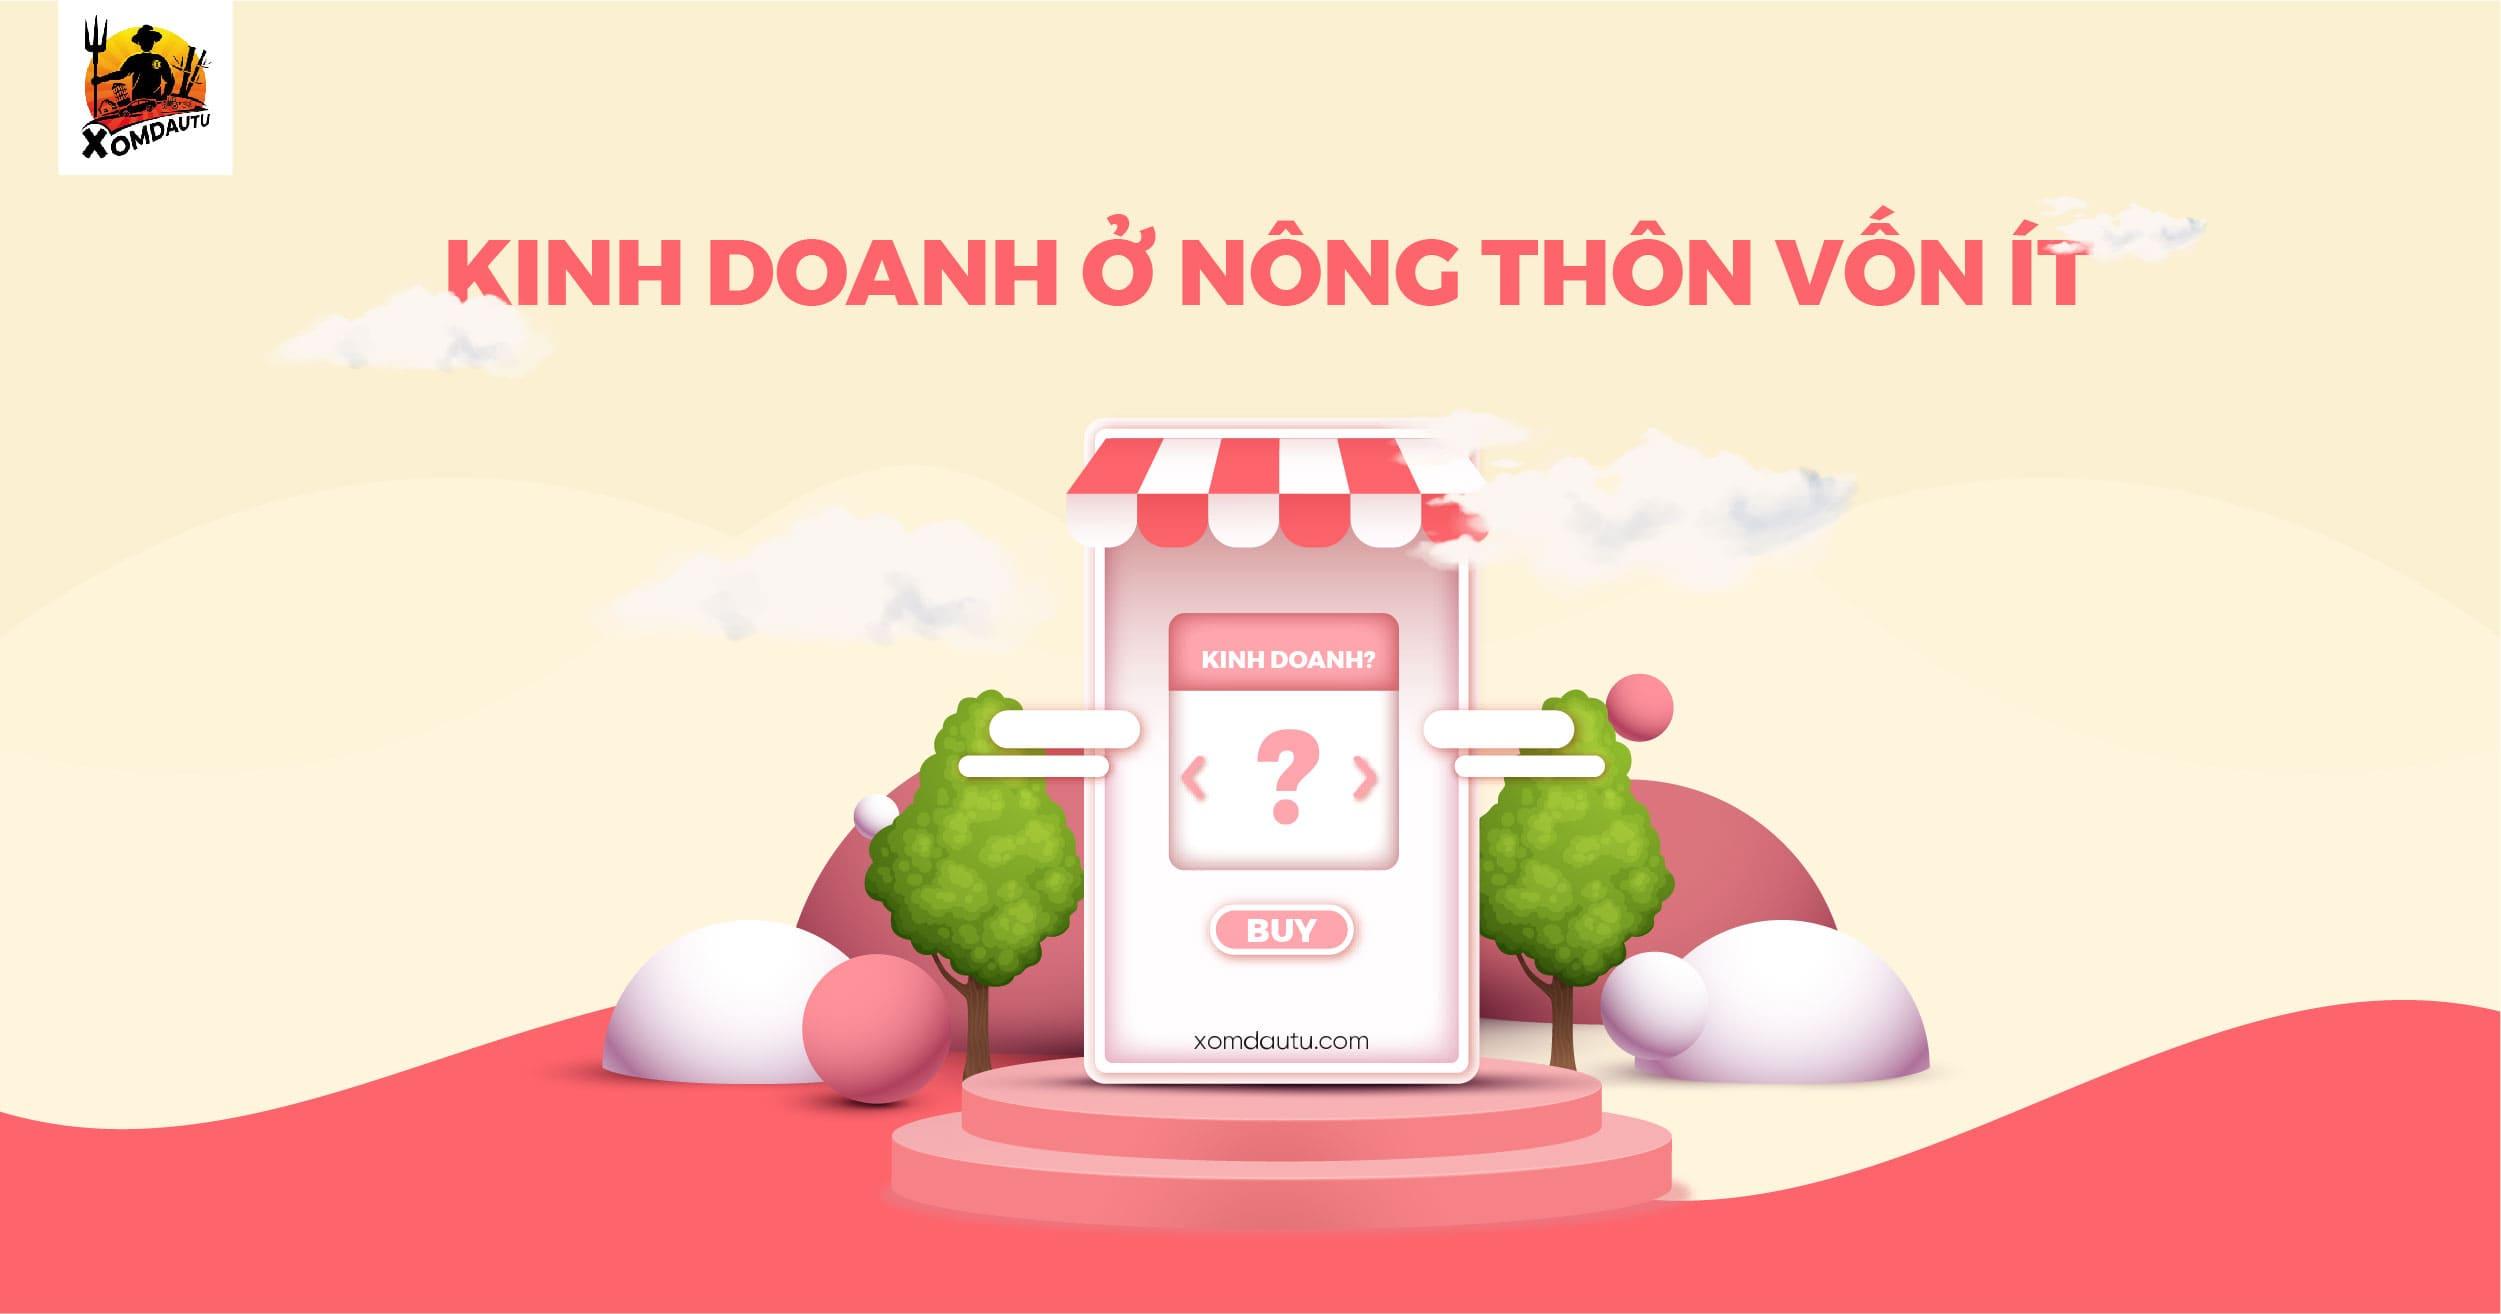 Kinh Doanh O Nong Thon Von It